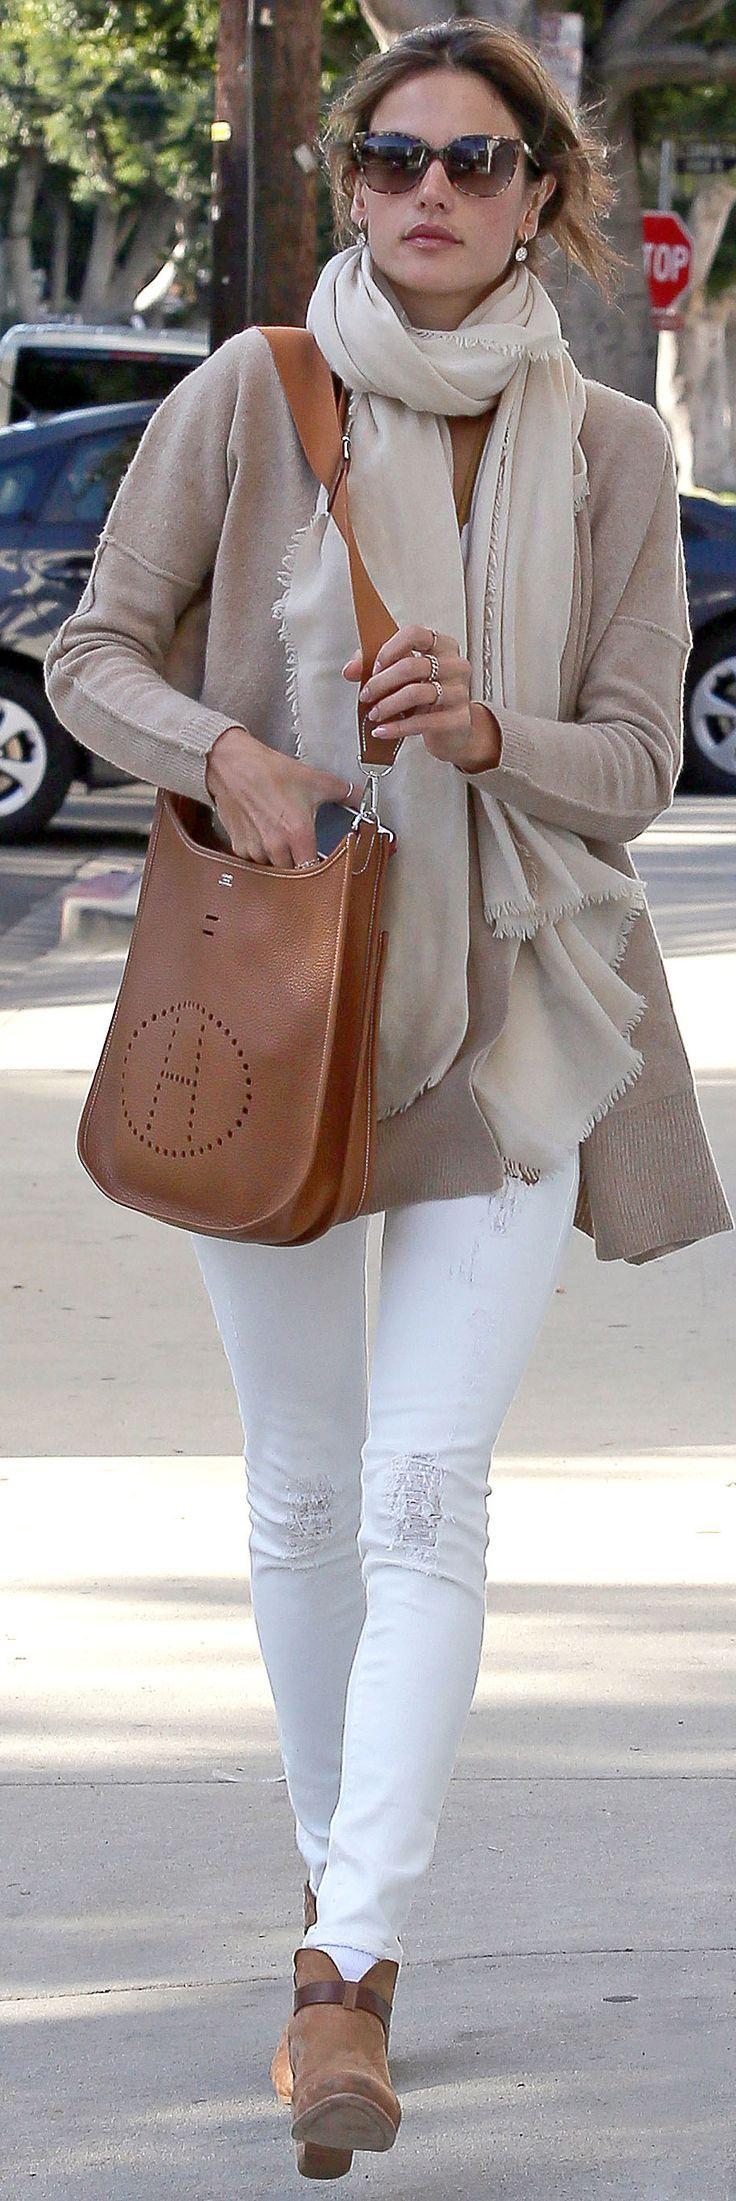 Alessandra Ambrosio in White Jeans